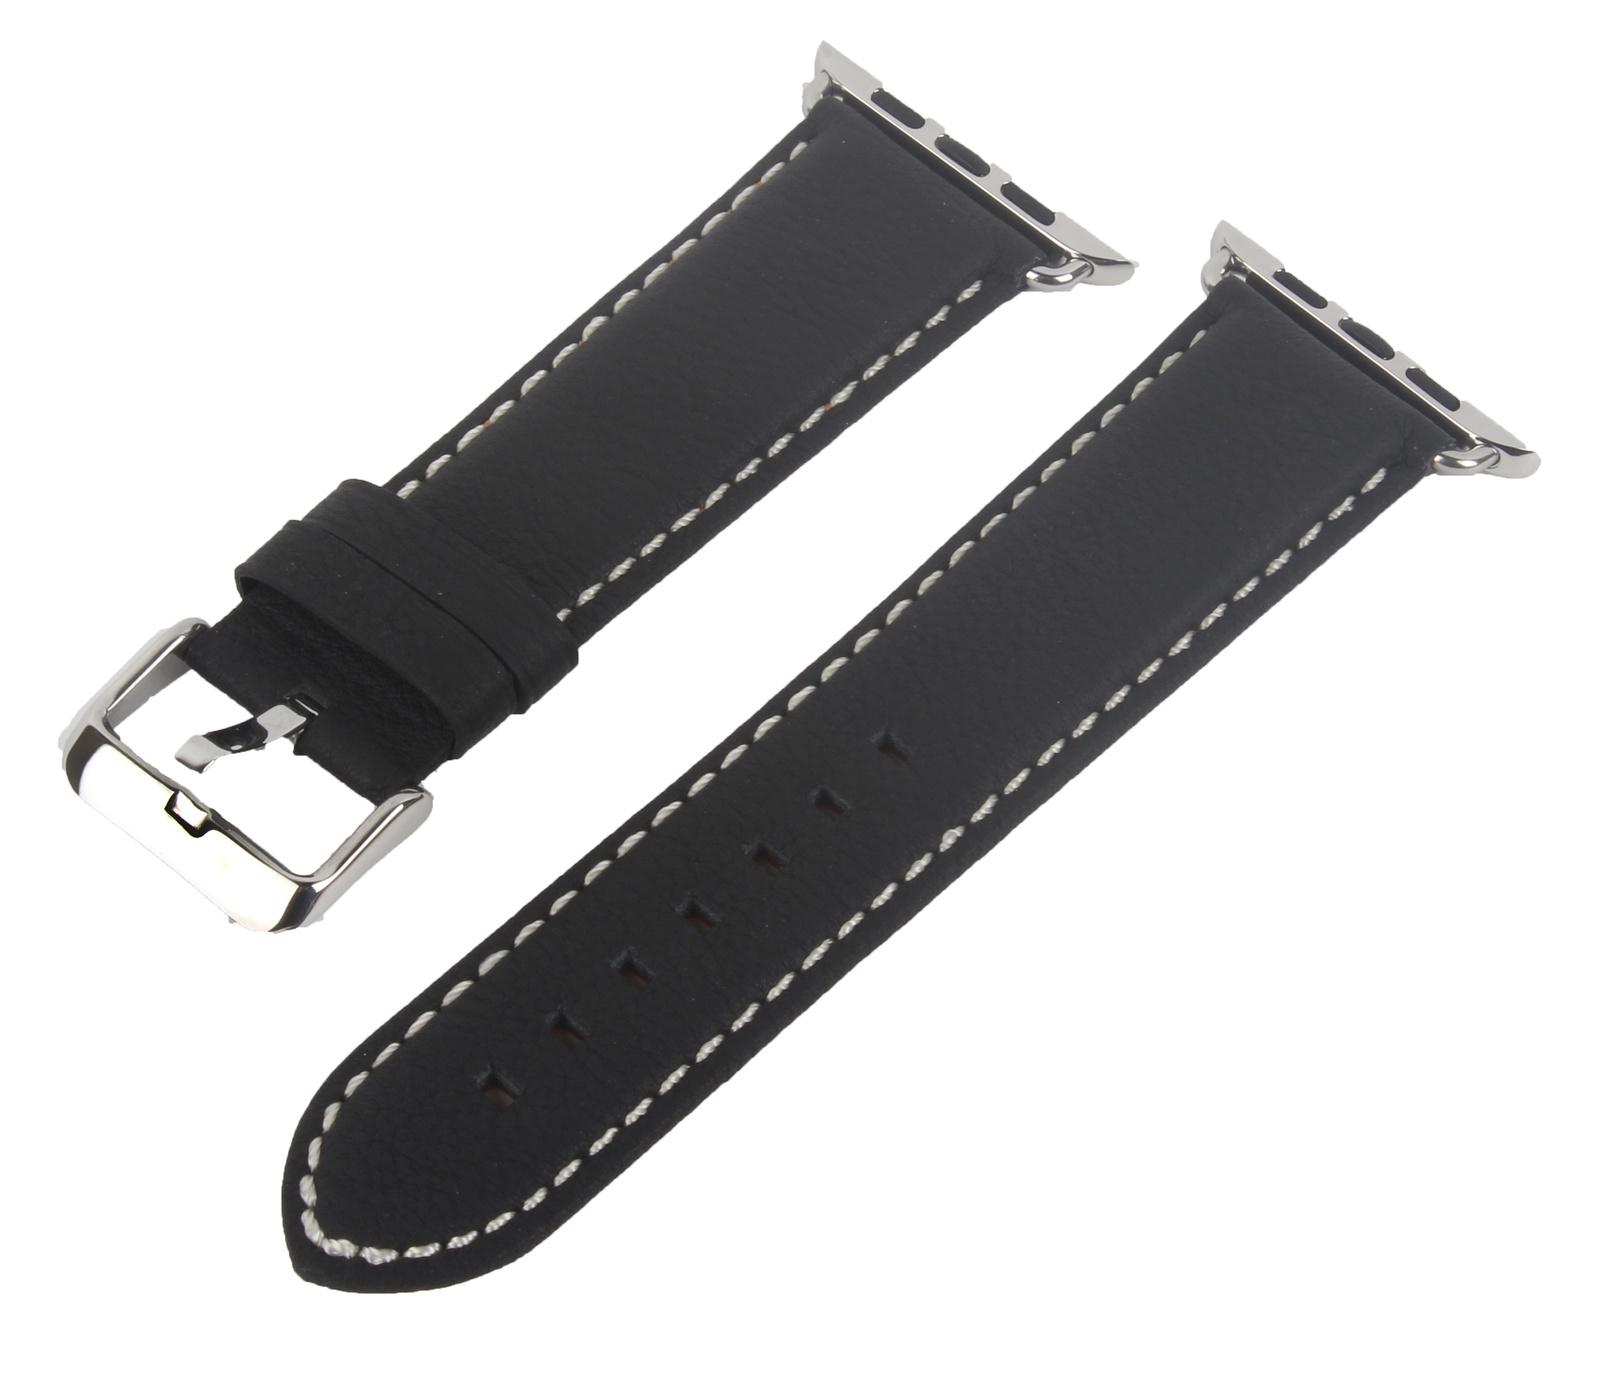 Ремешок для смарт-часов TipTop T6468, T4648, черный ремешок для смарт часов devia deluxe sport 3 для apple watch 4 40 мм черный